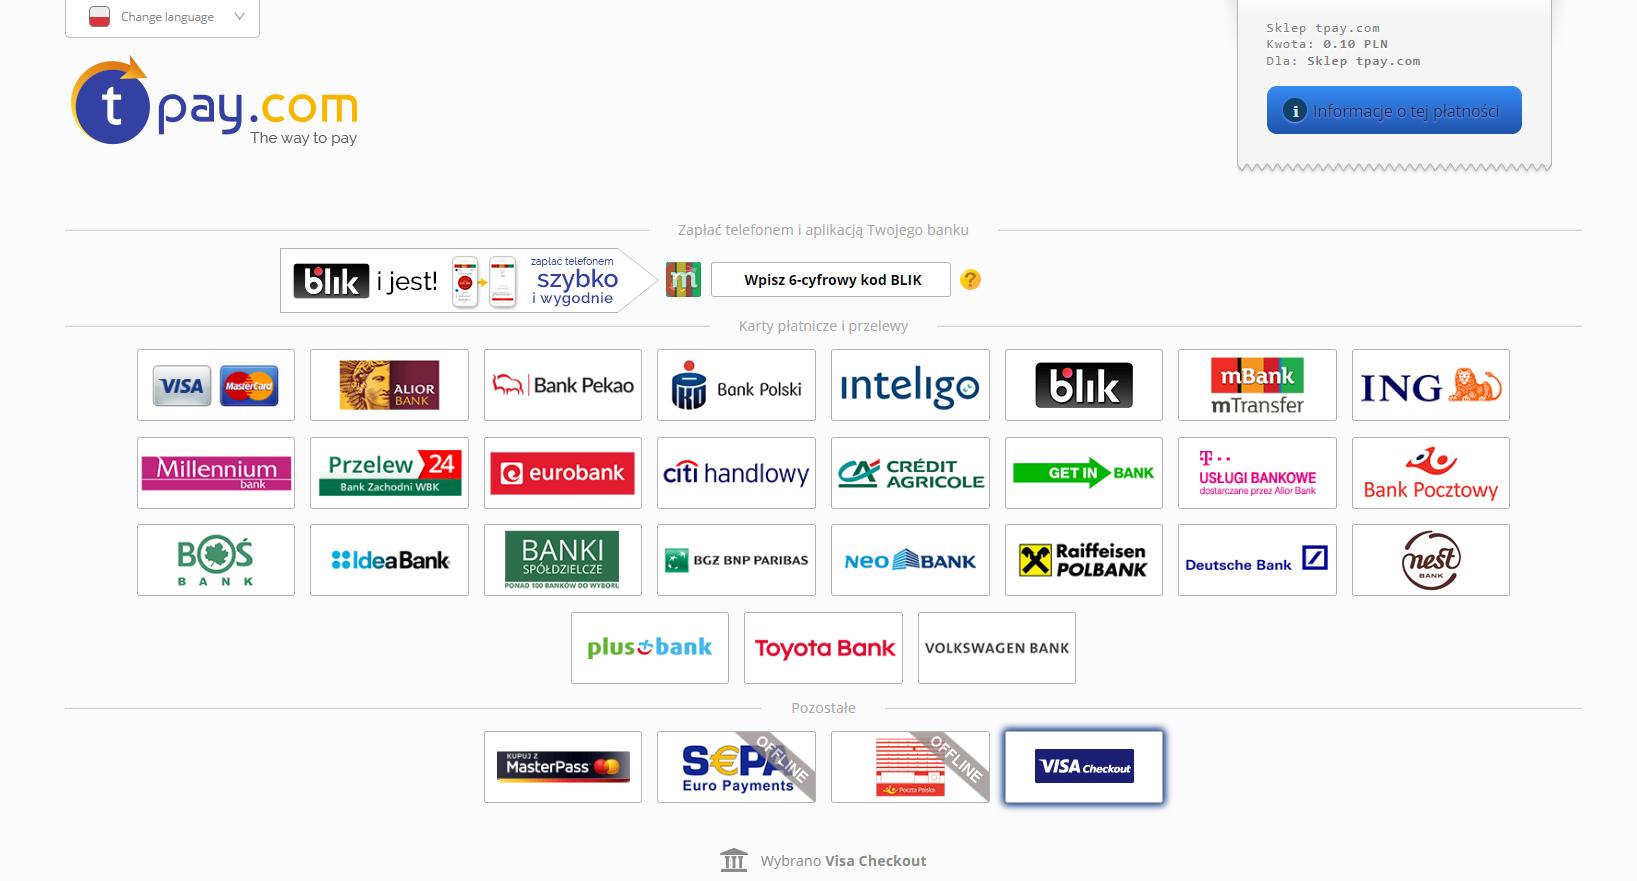 Visa Checkout dostępna dla wszystkich merchantów Tpay.com